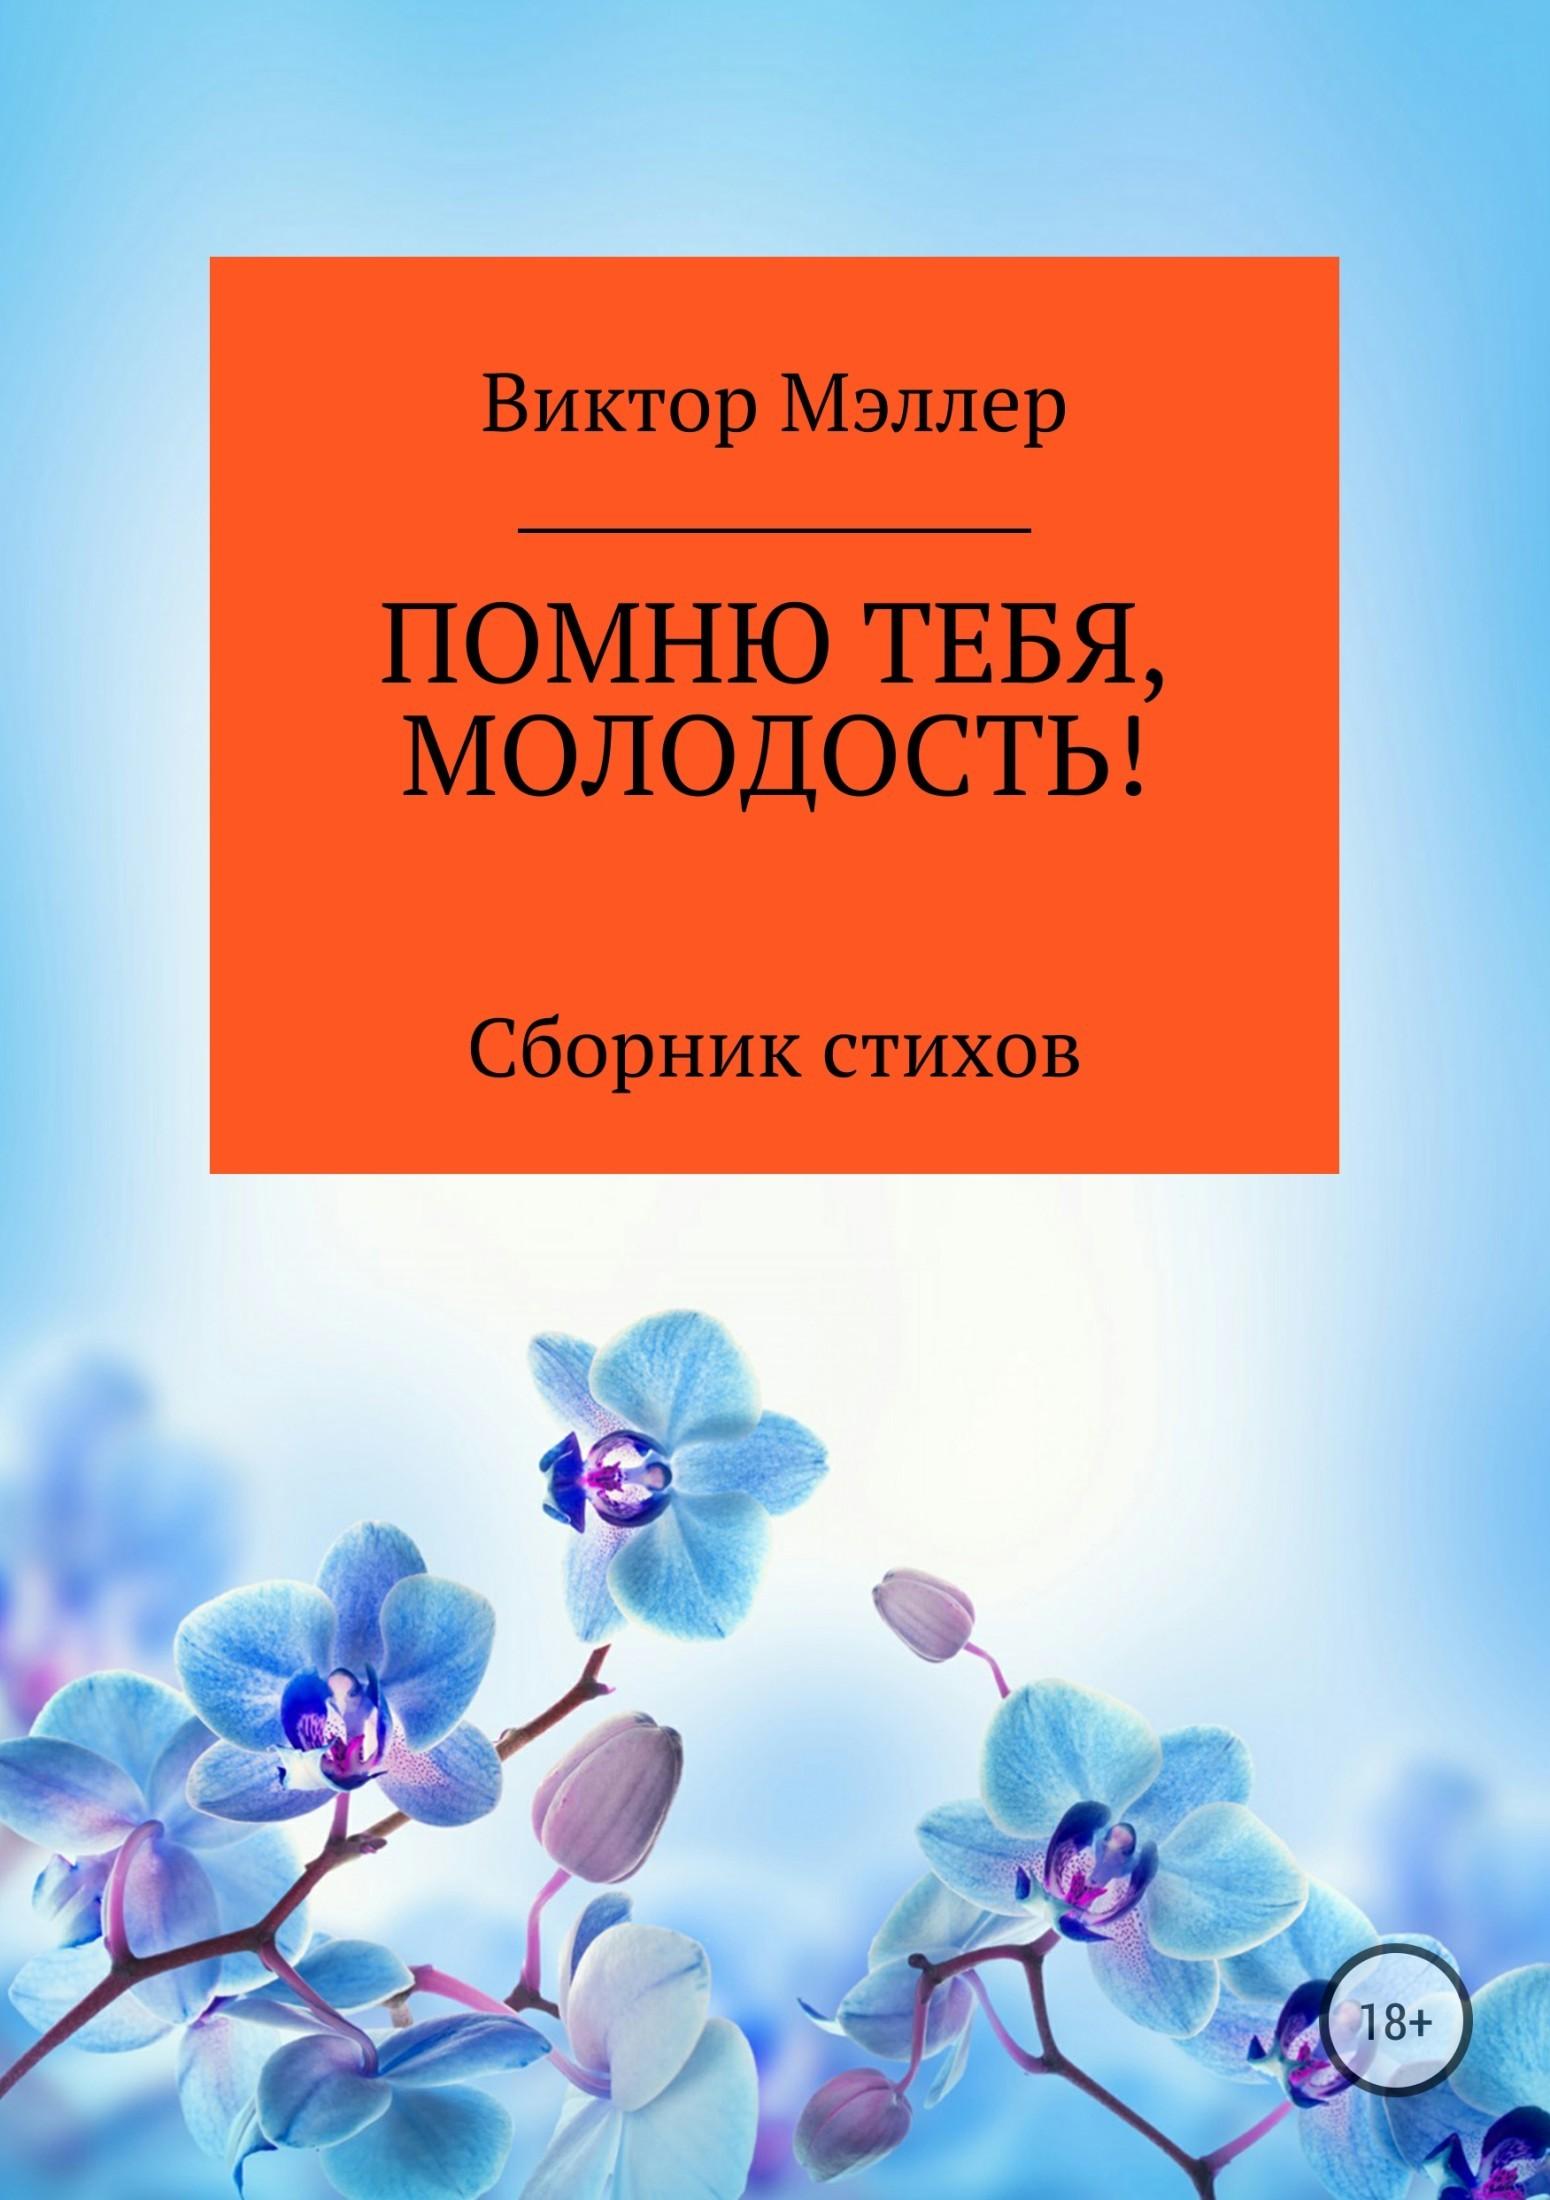 ВИКТОР ГРИГОРЬЕВИЧ МЭЛЛЕР Помню тебя, молодость! Сборник стихотворений виктор григорьевич мэллер и любовь и счастье